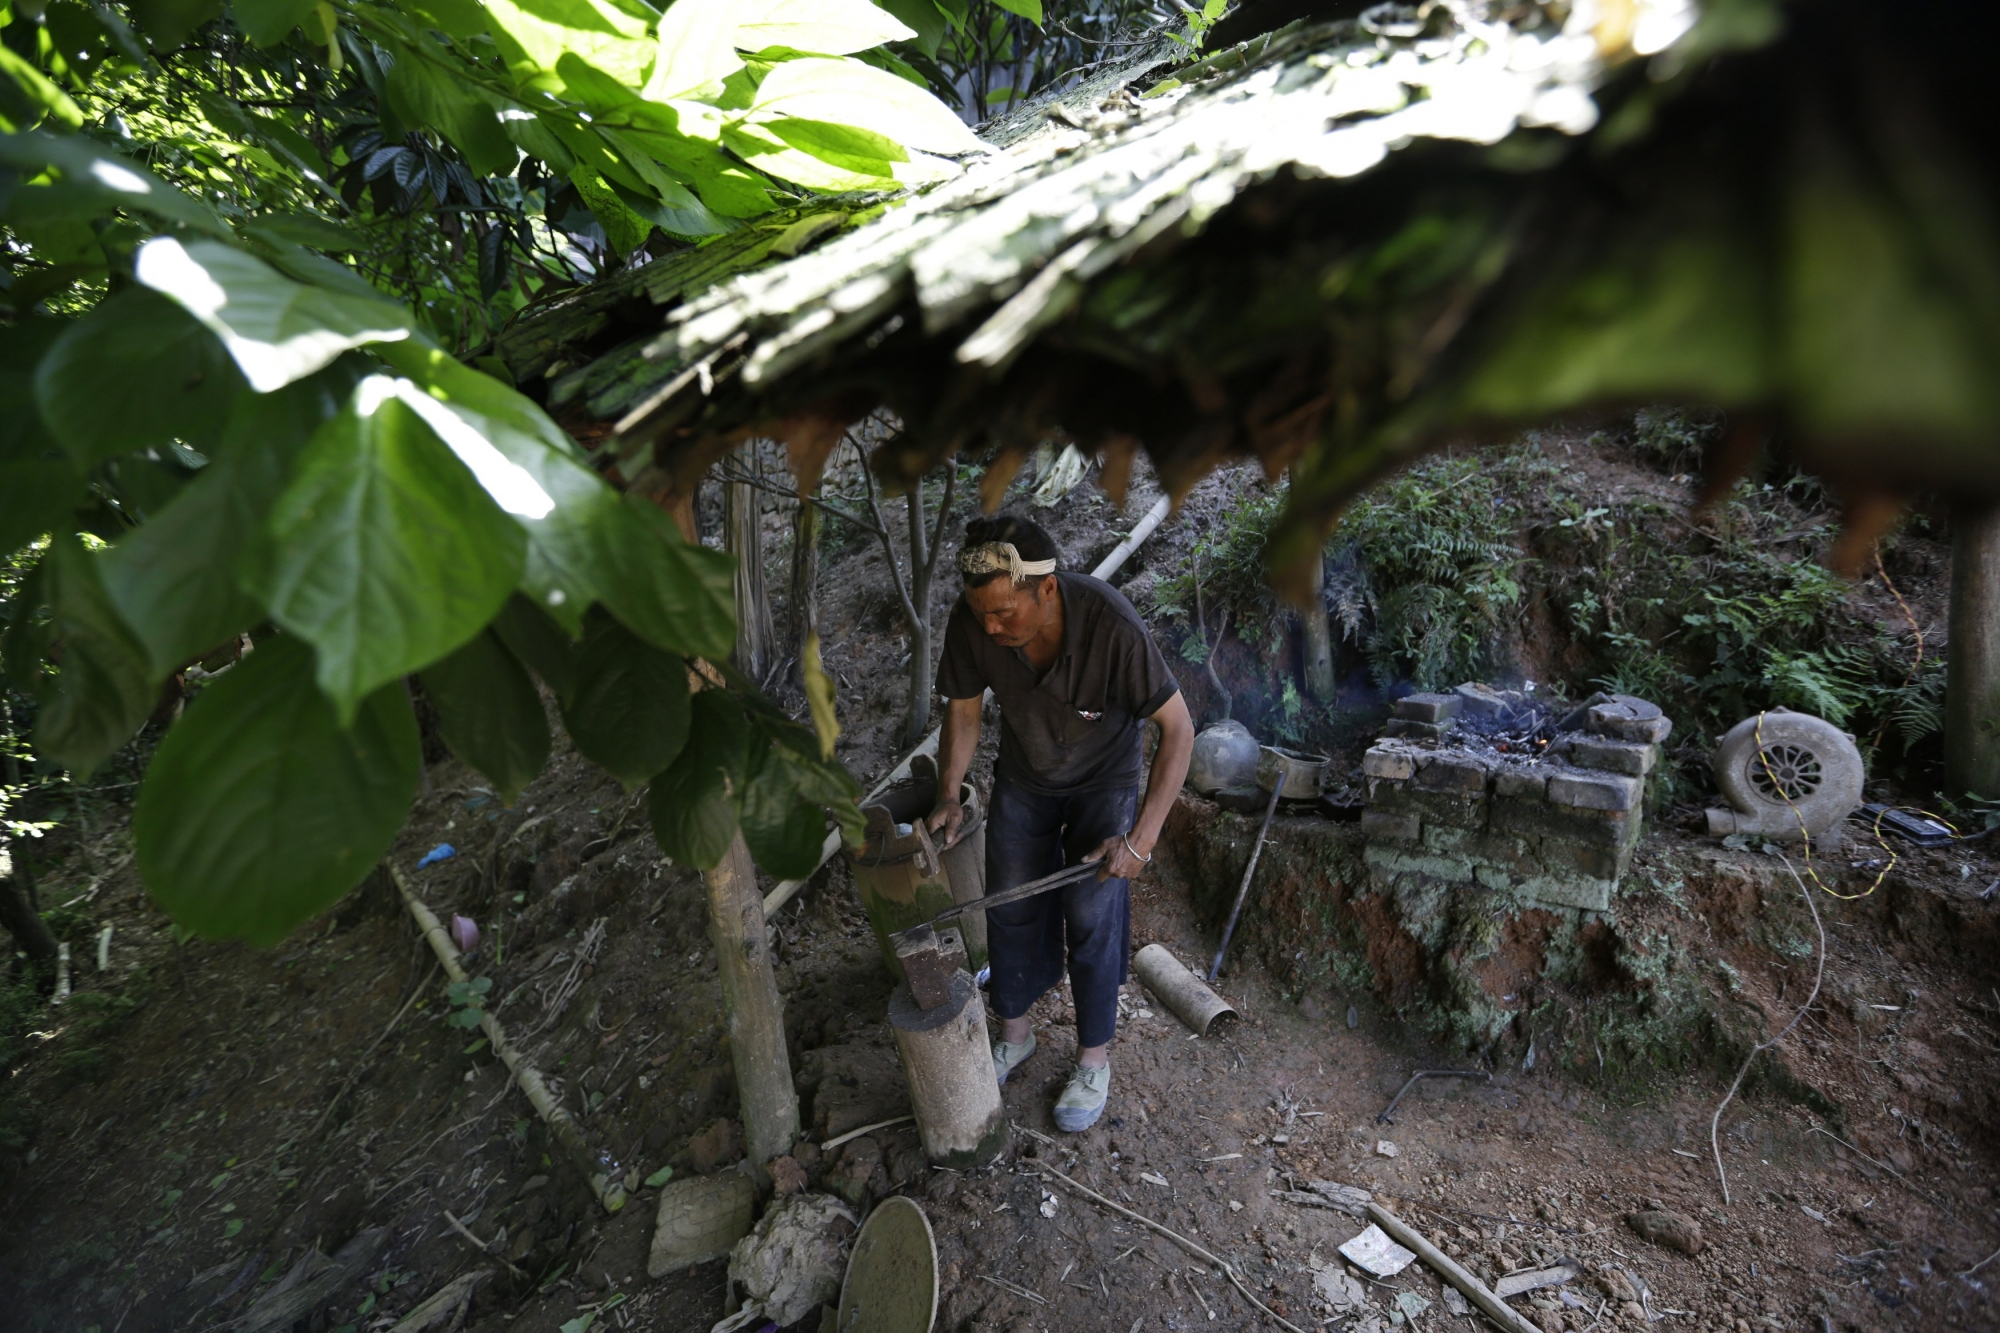 Basha ngôi làng cuối cùng được dùng súng ở trung quốc